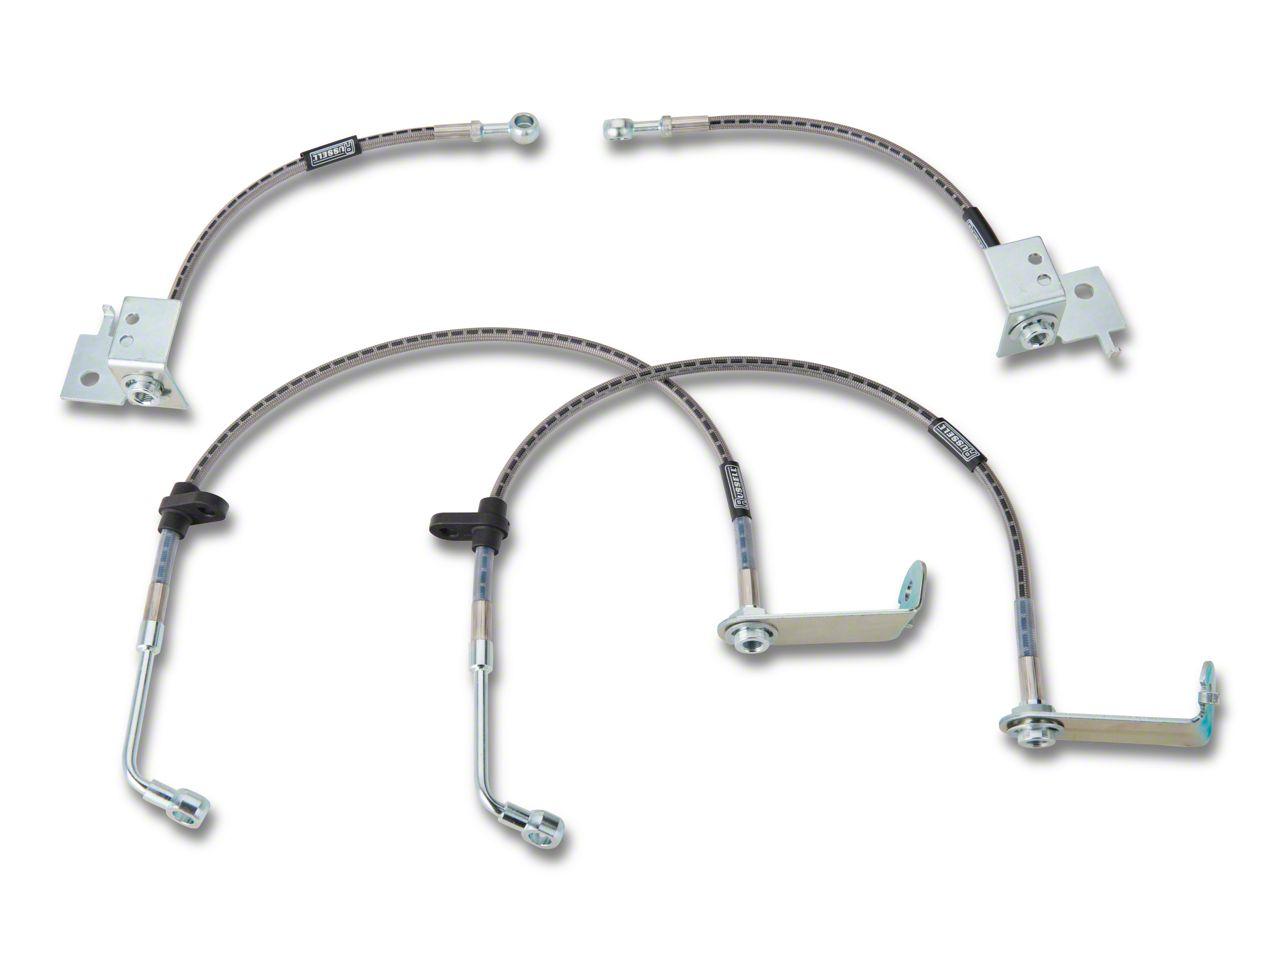 Silver Hose /& Stainless Green Banjos Pro Braking PBR8148-SIL-GRE Rear Braided Brake Line